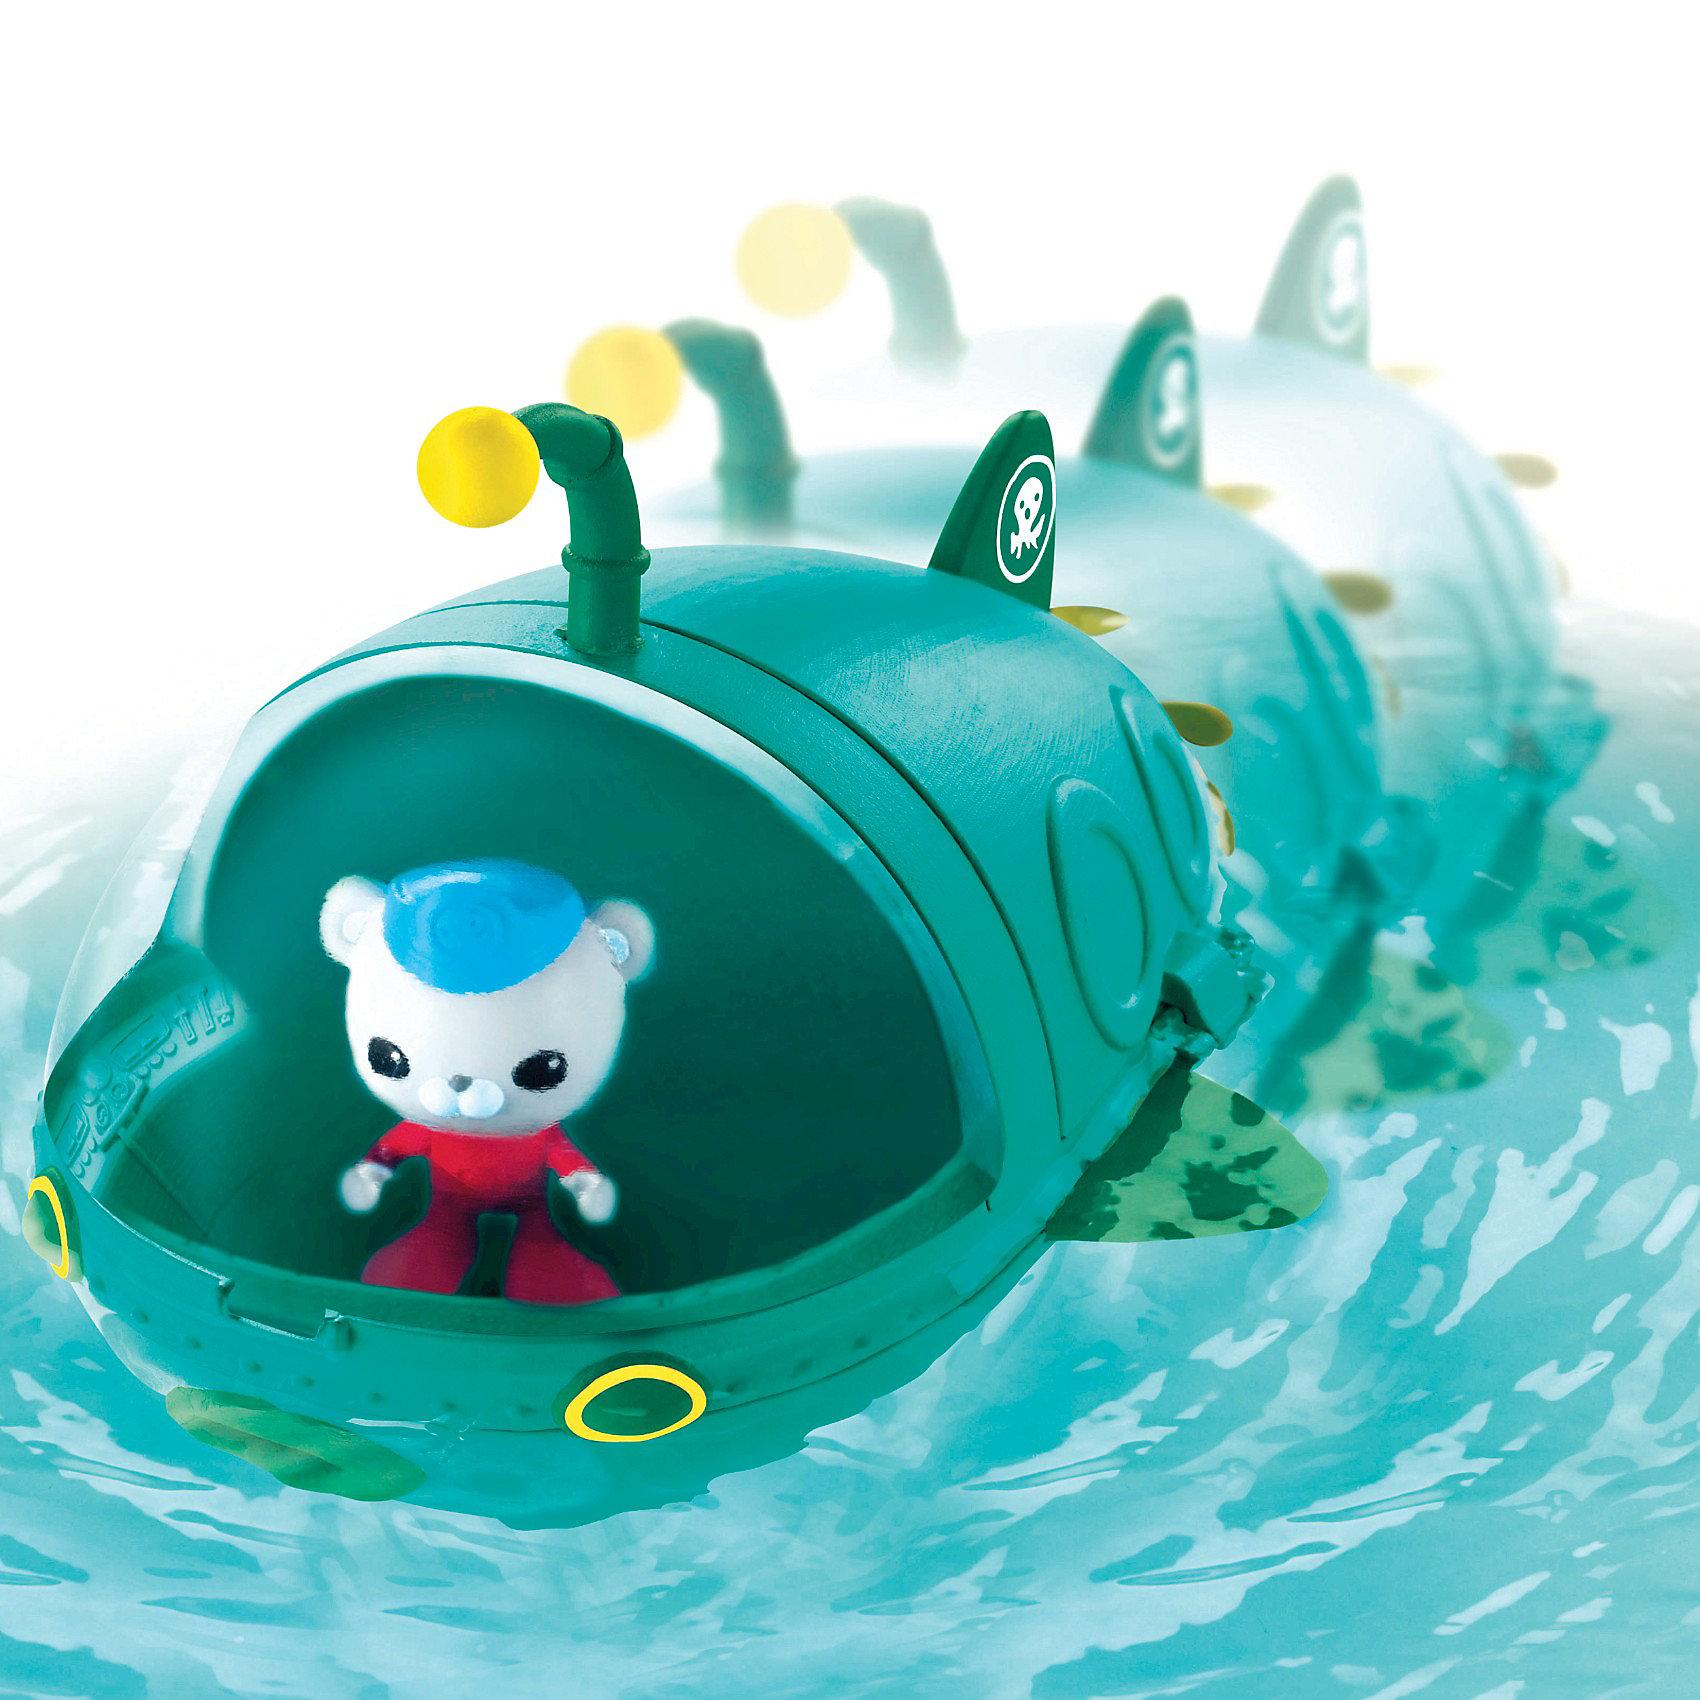 Октонафты игрушки картинки